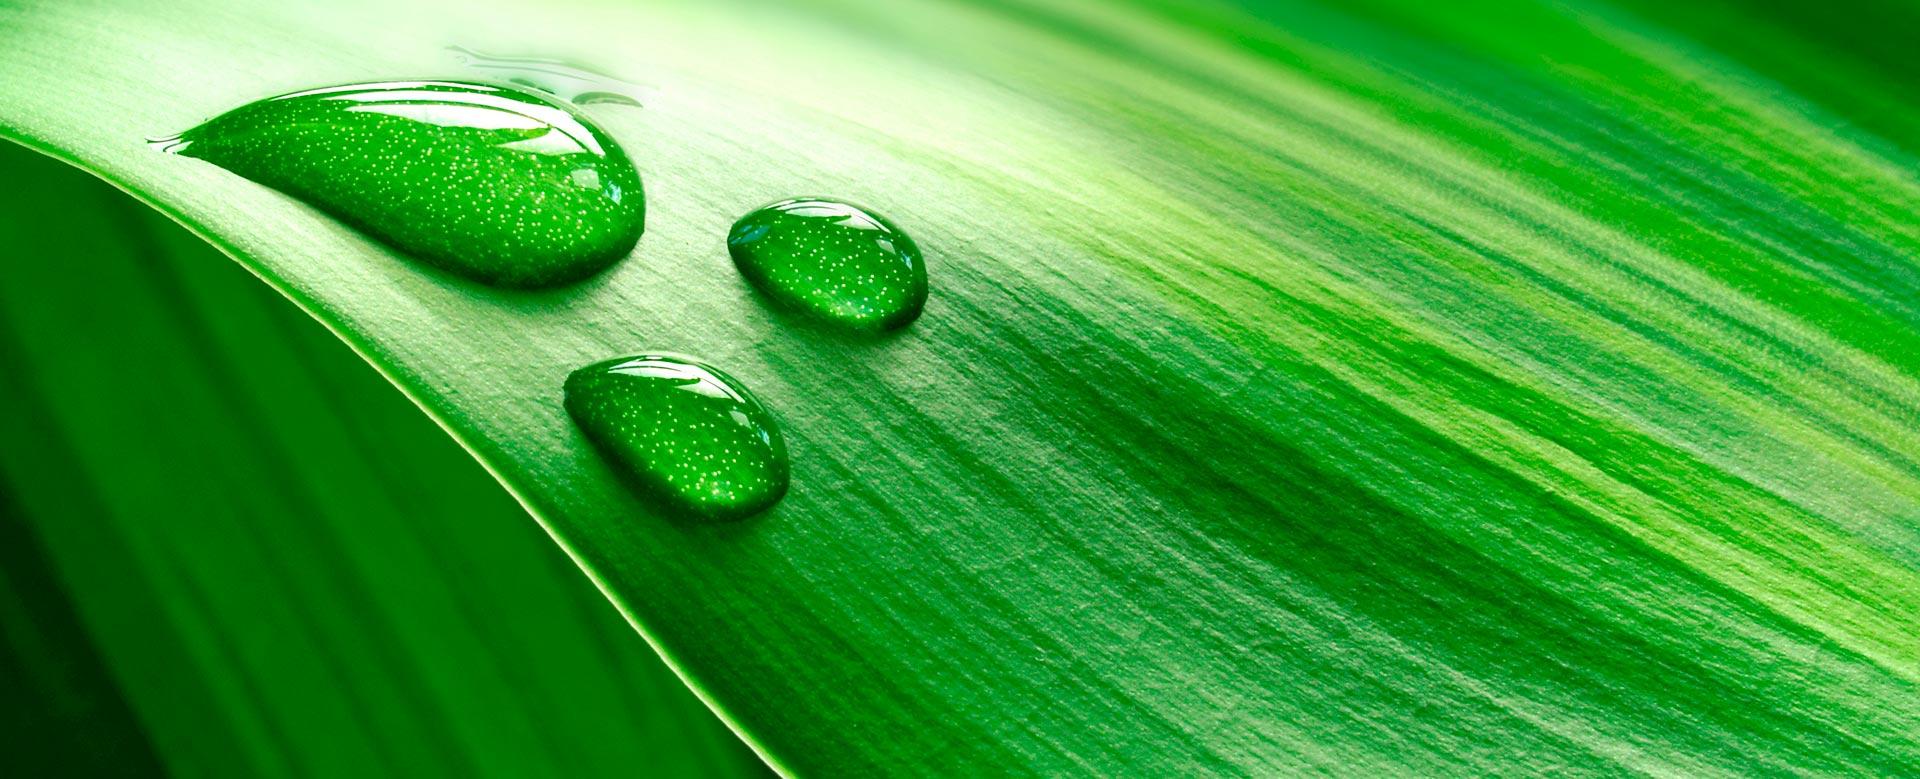 ambiental-gotas-sobre-folha